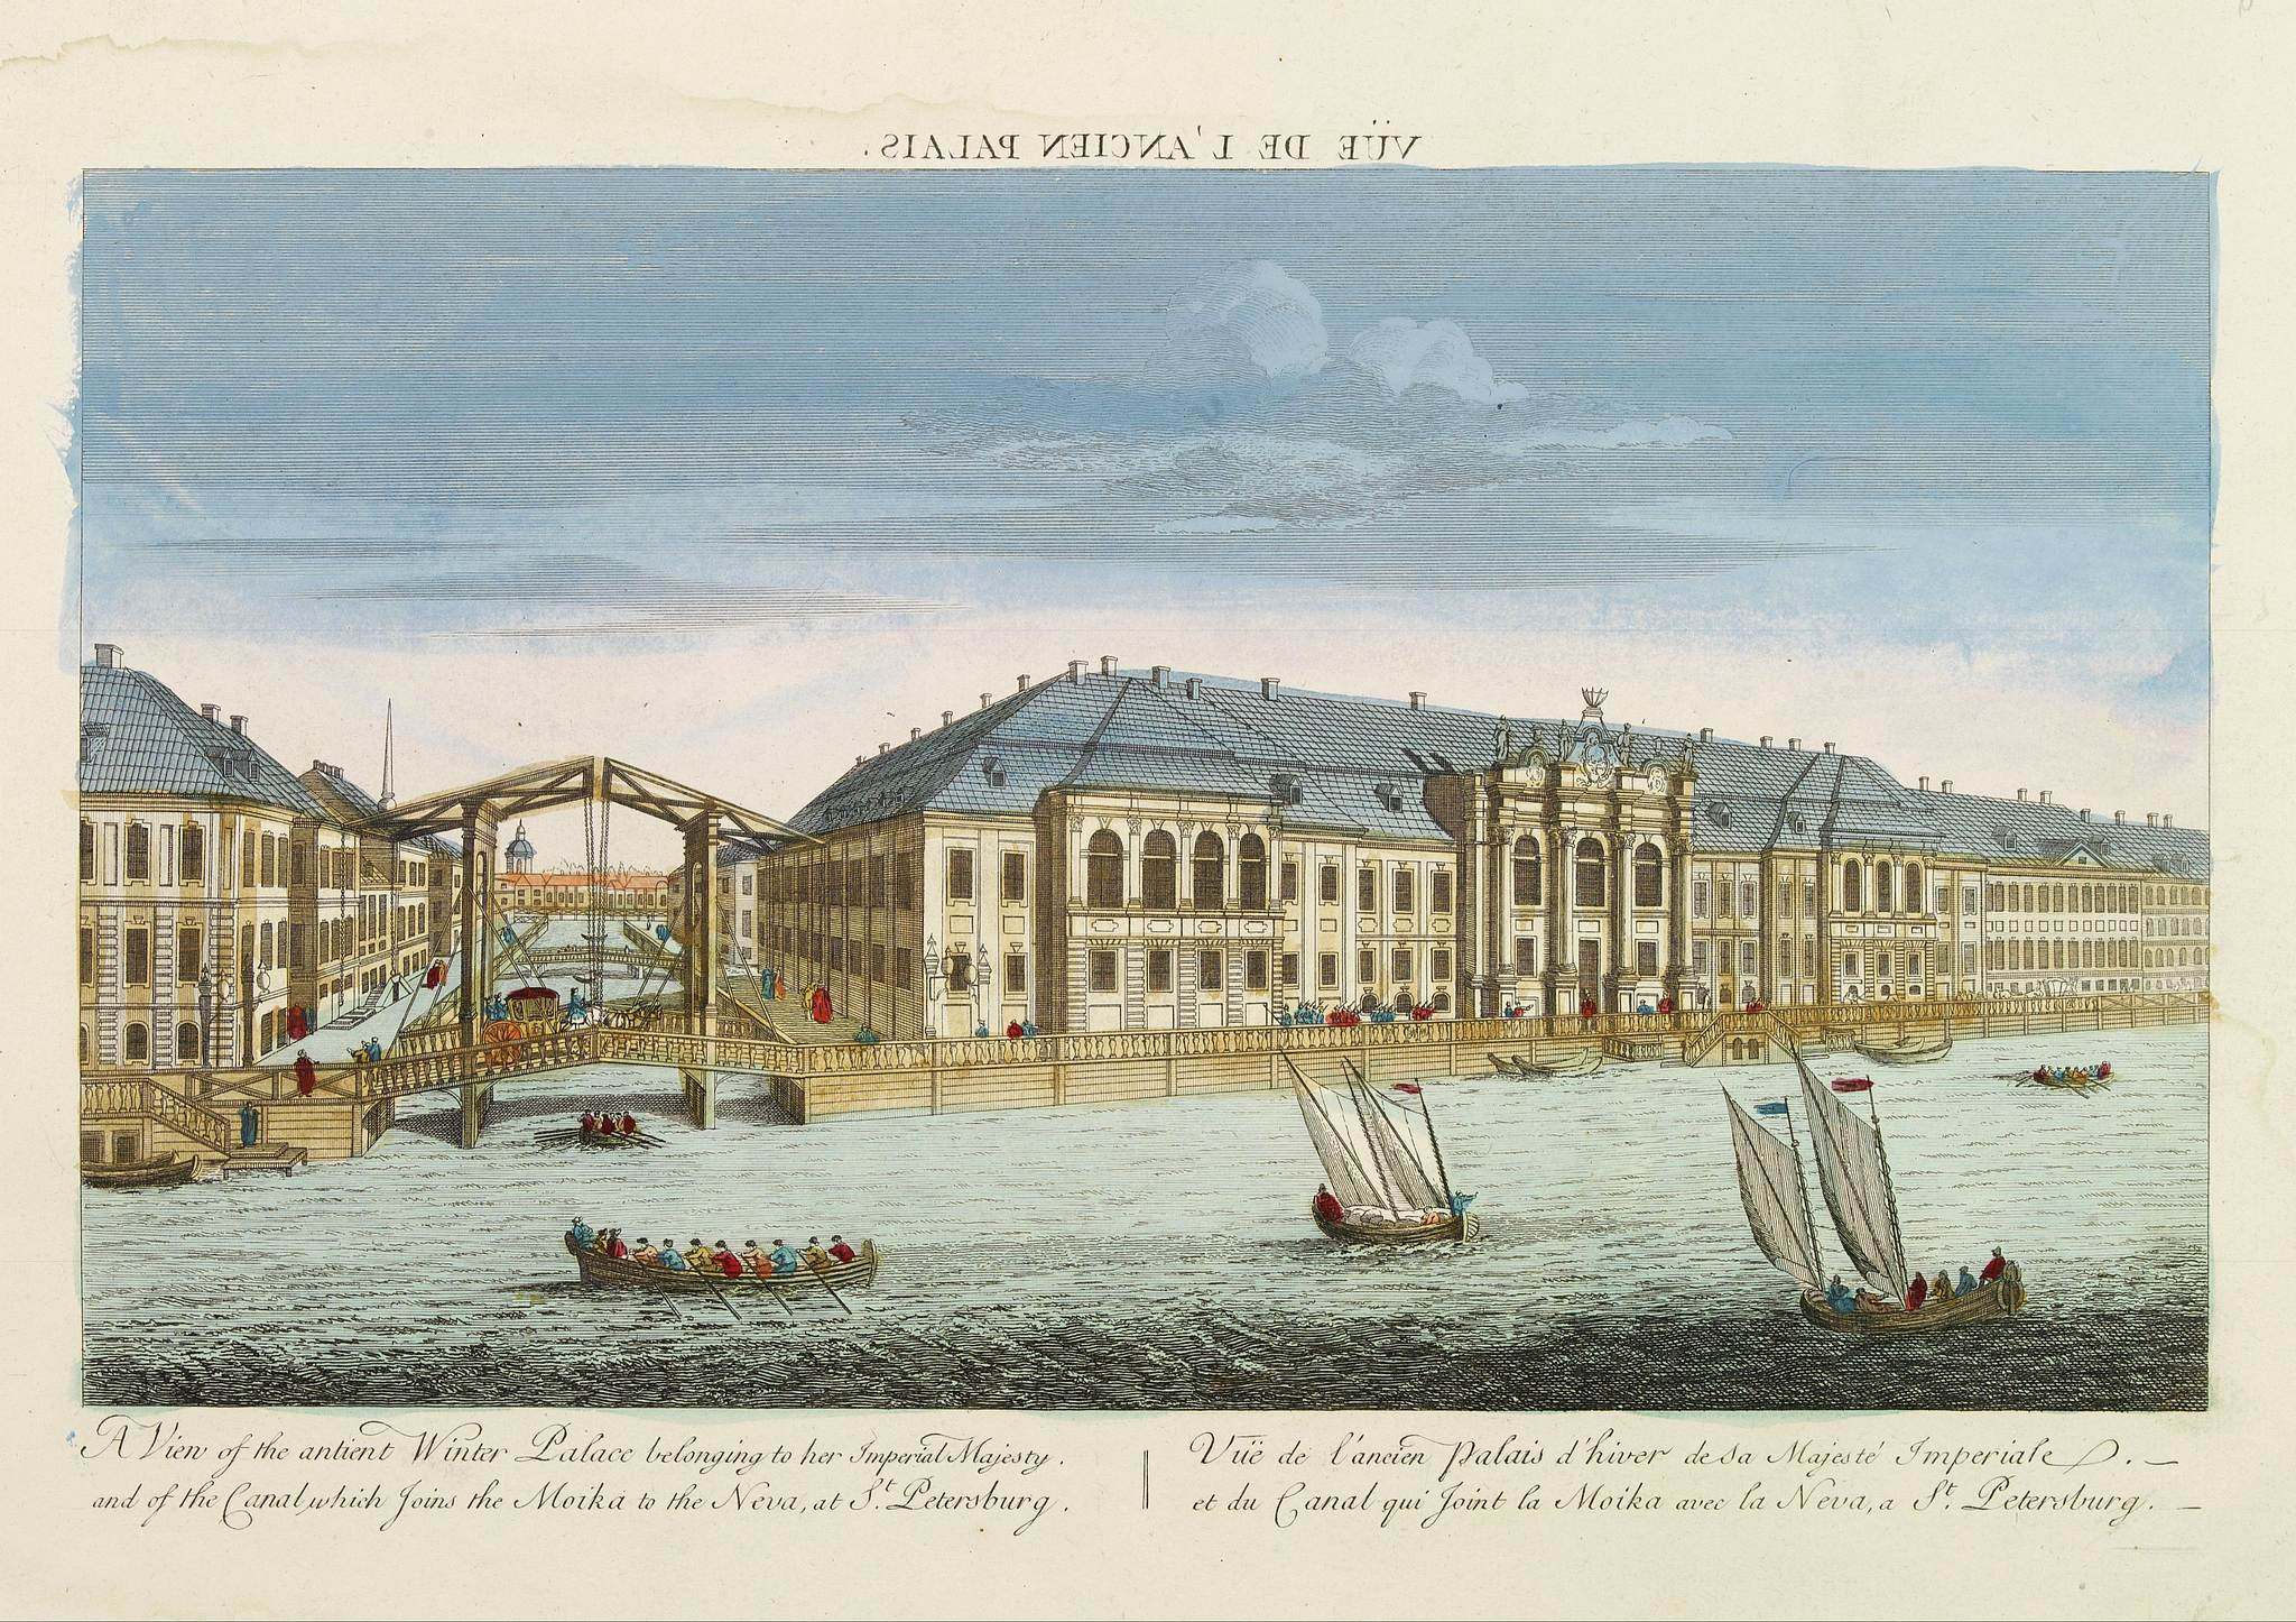 ANONYME -  Vuë de l'ancien Palais d'hiver de sa Majesté Imperiale et du Canal qui Joint la Moika avec la Neva, a St. Petersburg.